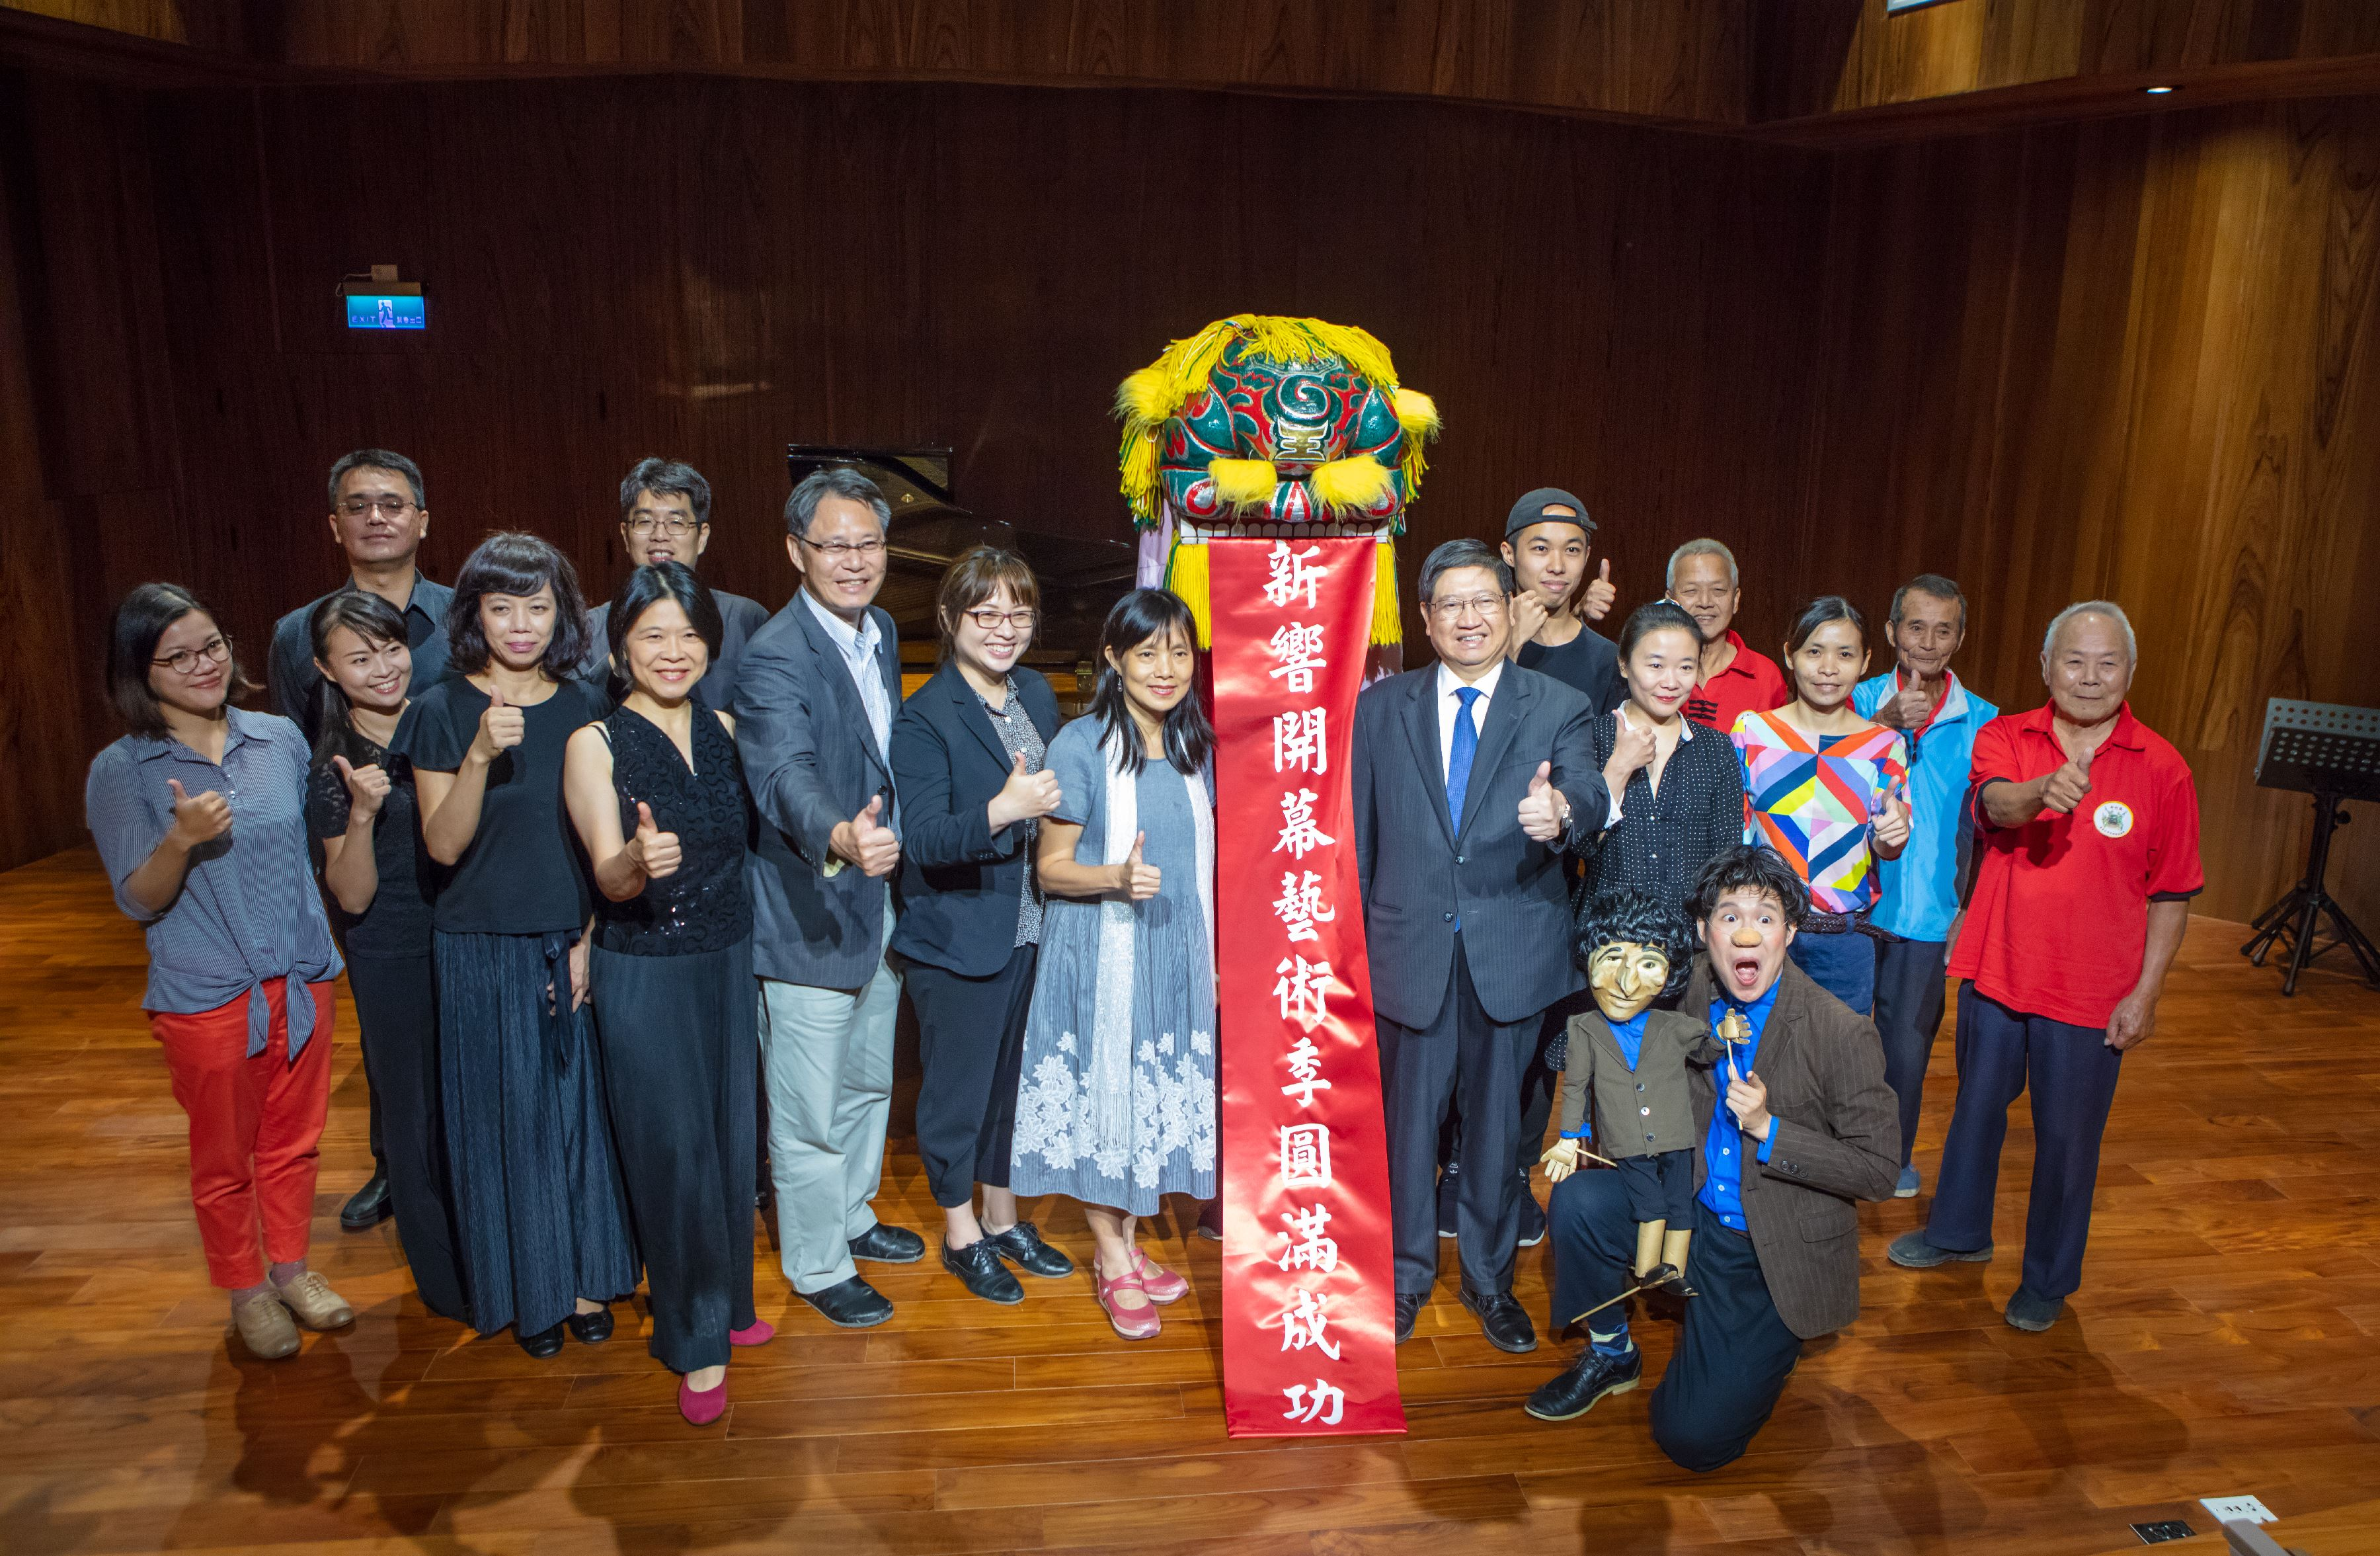 新竹縣文化局演奏廳整建蛻變專業級音樂場館!「新響開幕藝術季」邀您來體驗